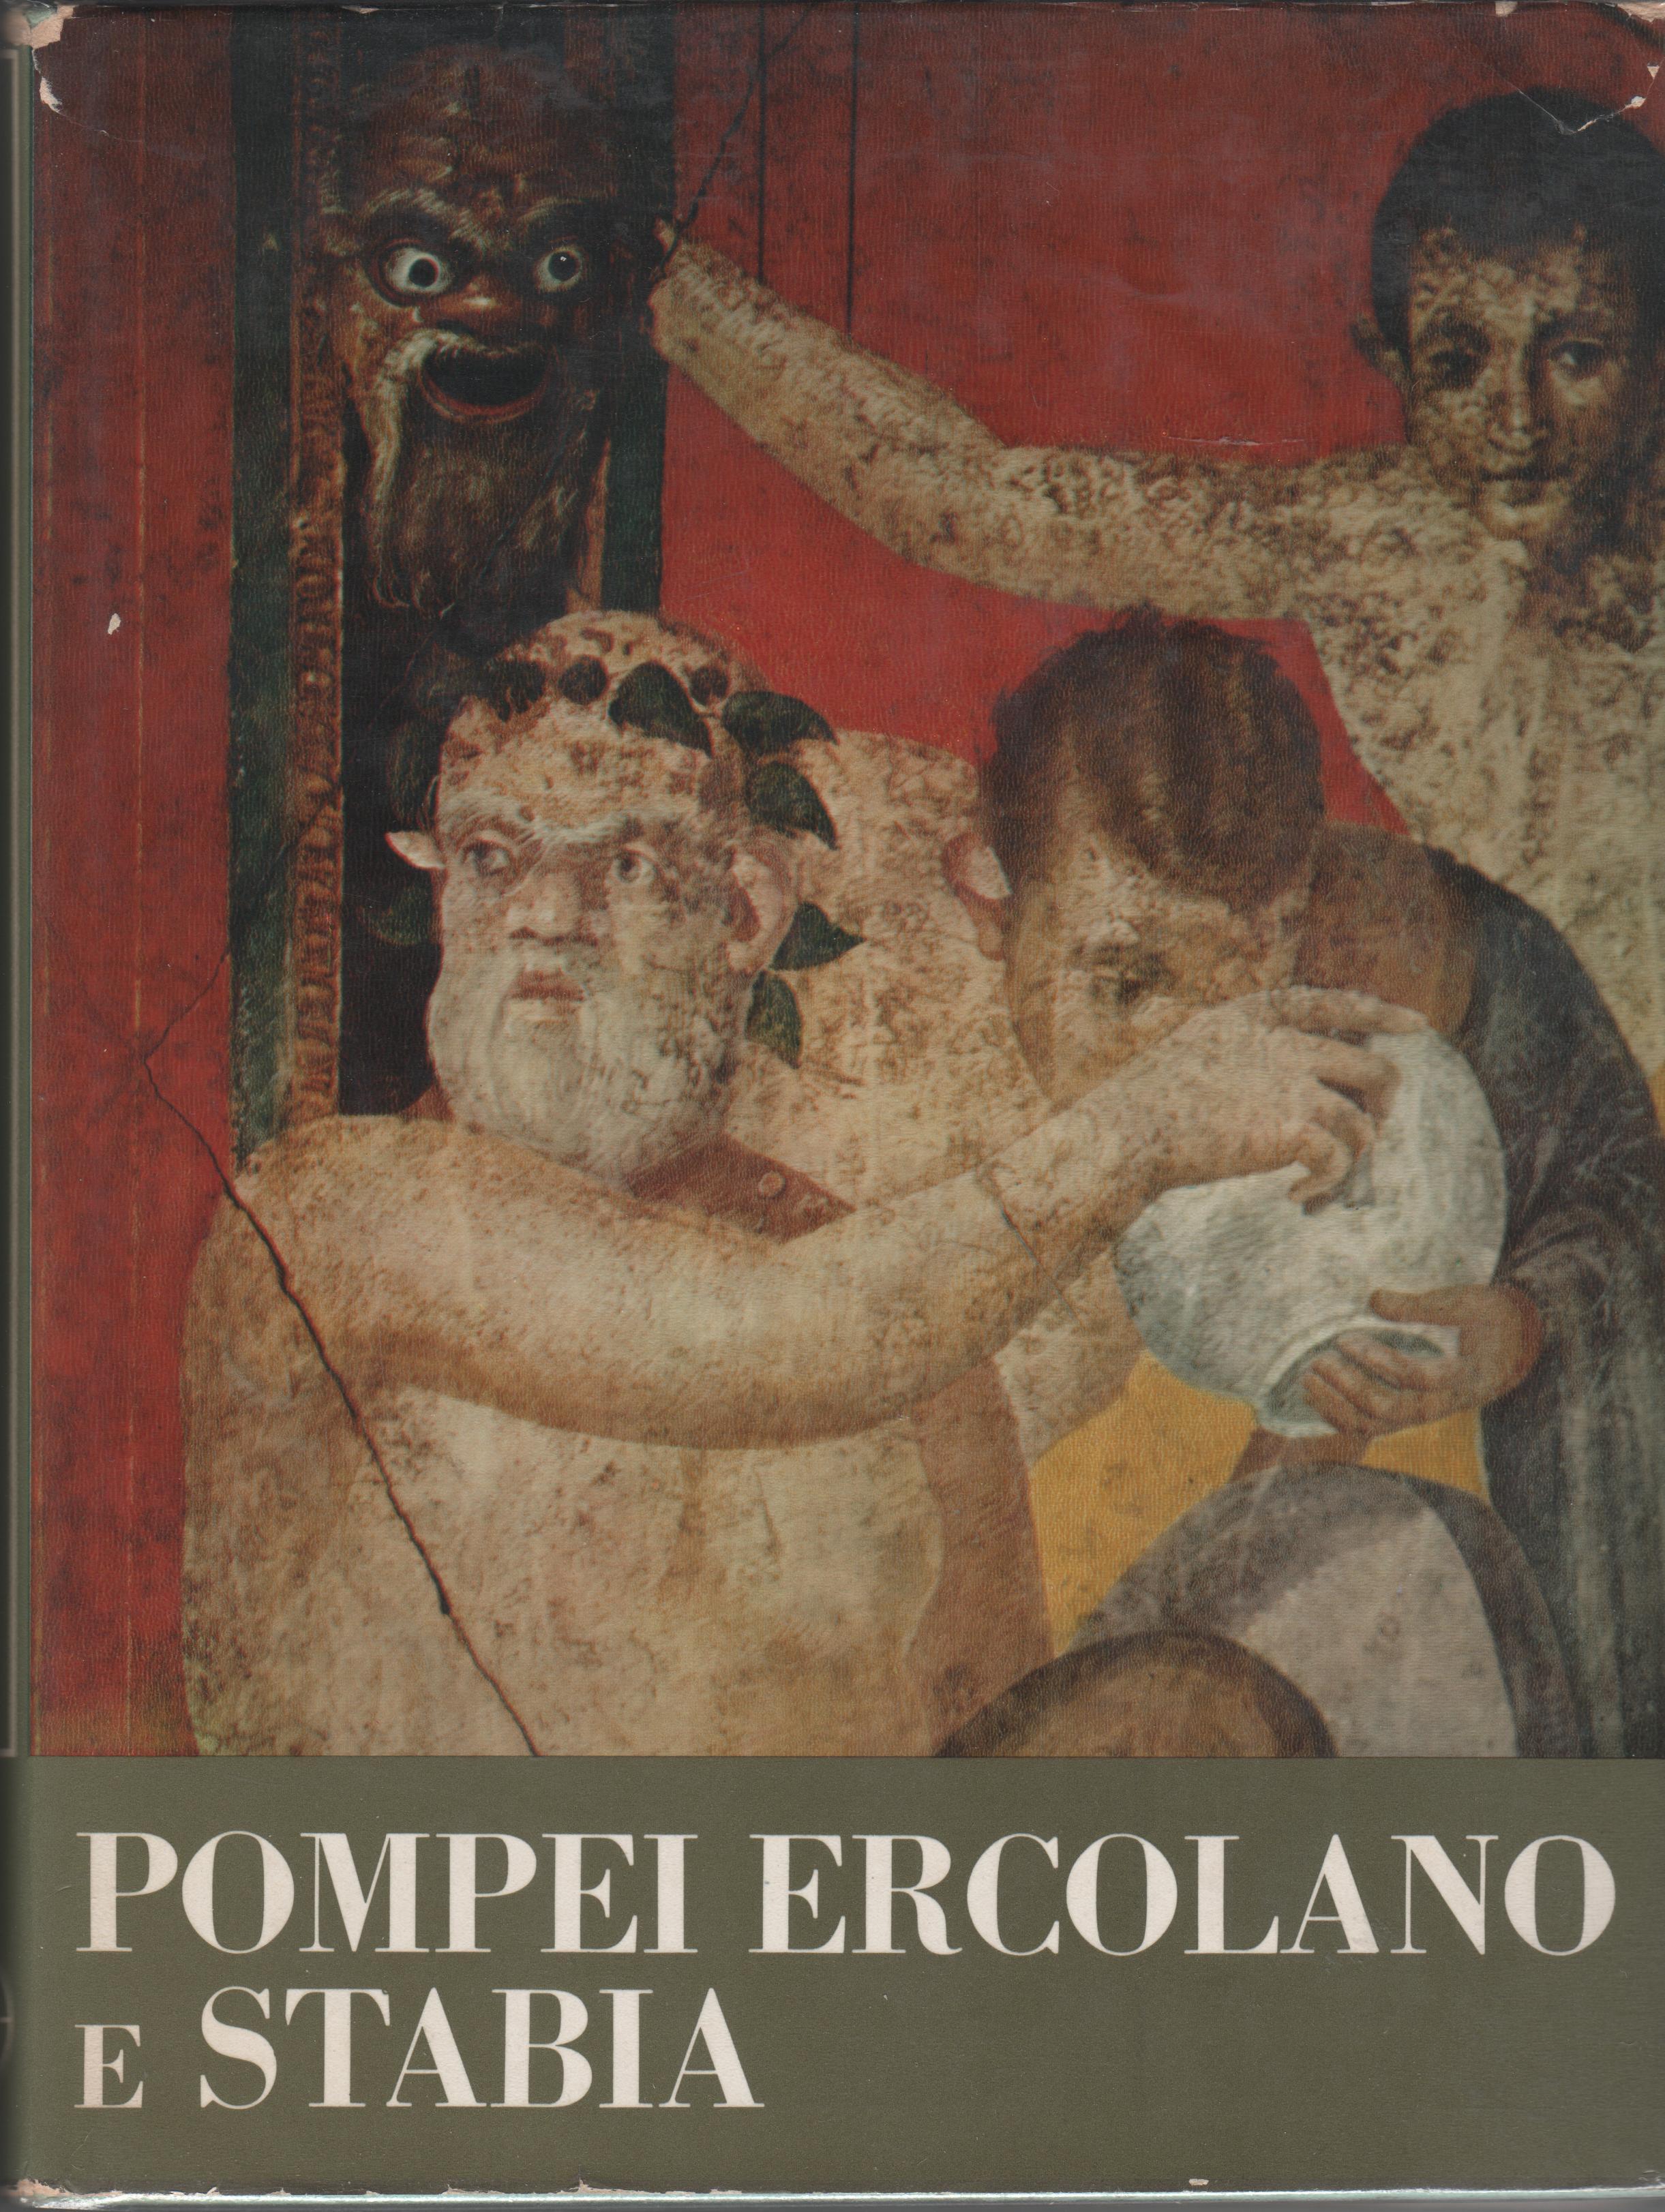 Pompei Ercolano e Stabia